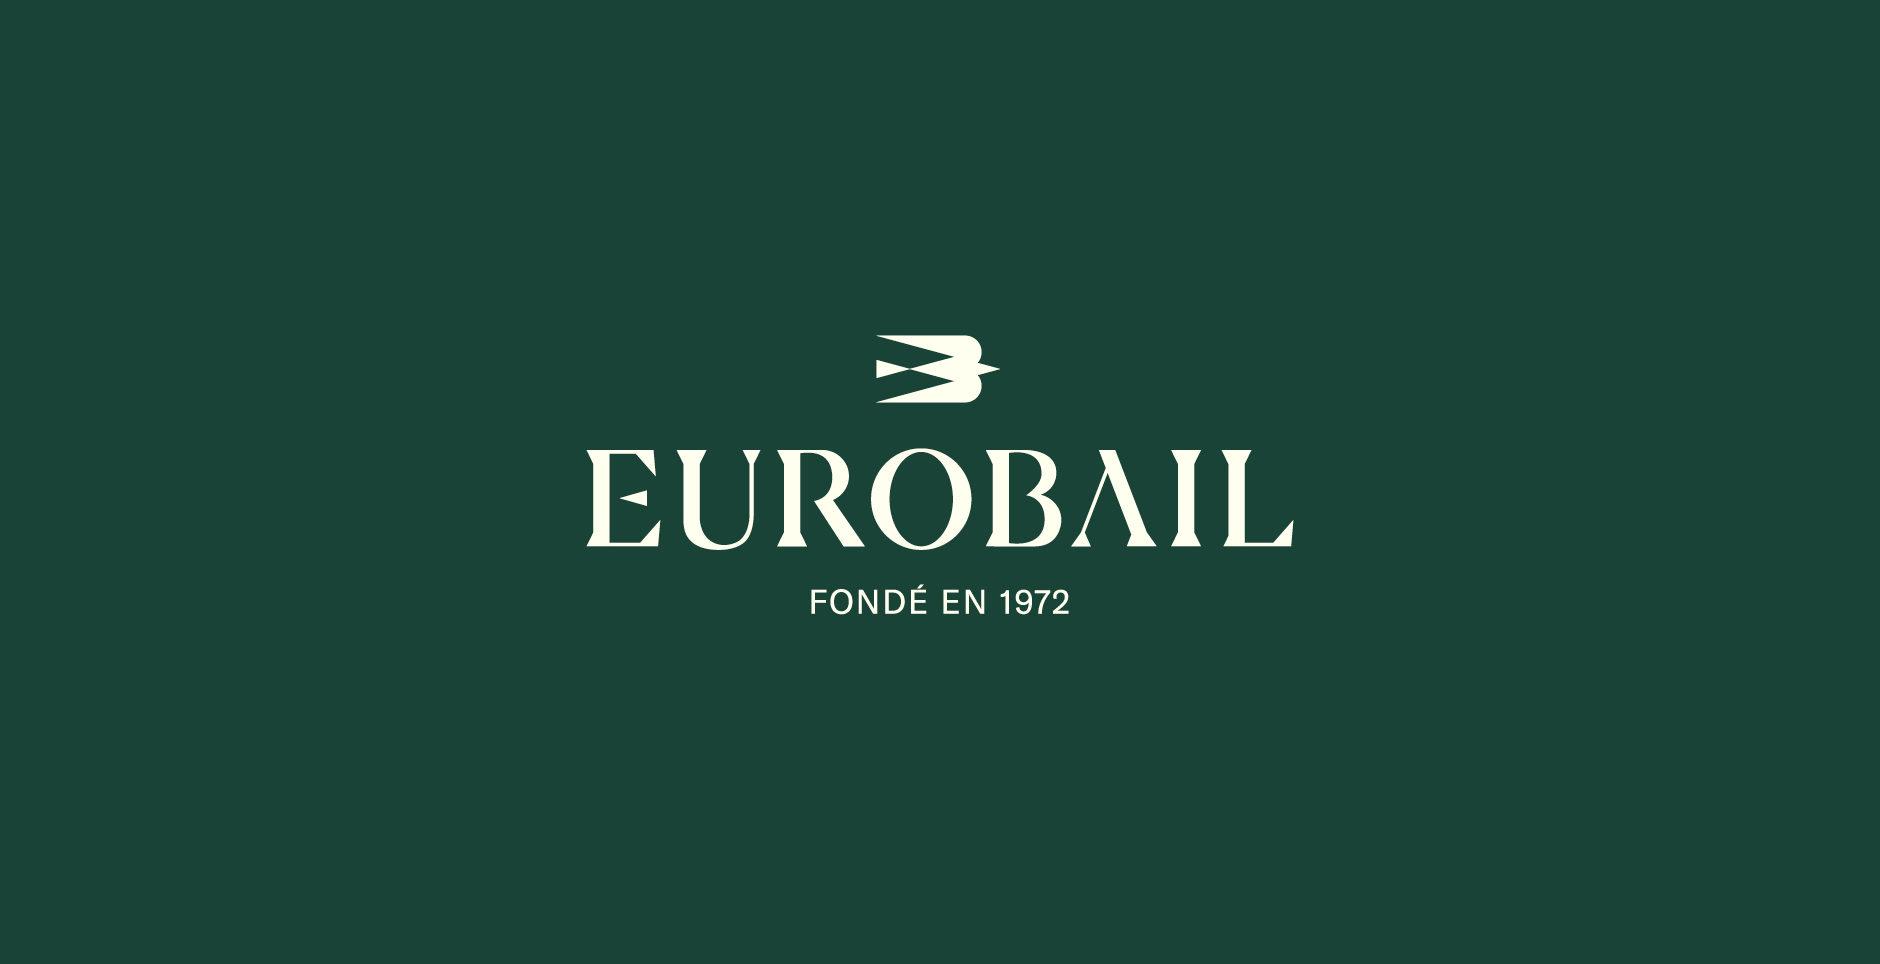 Eurobail-case-study